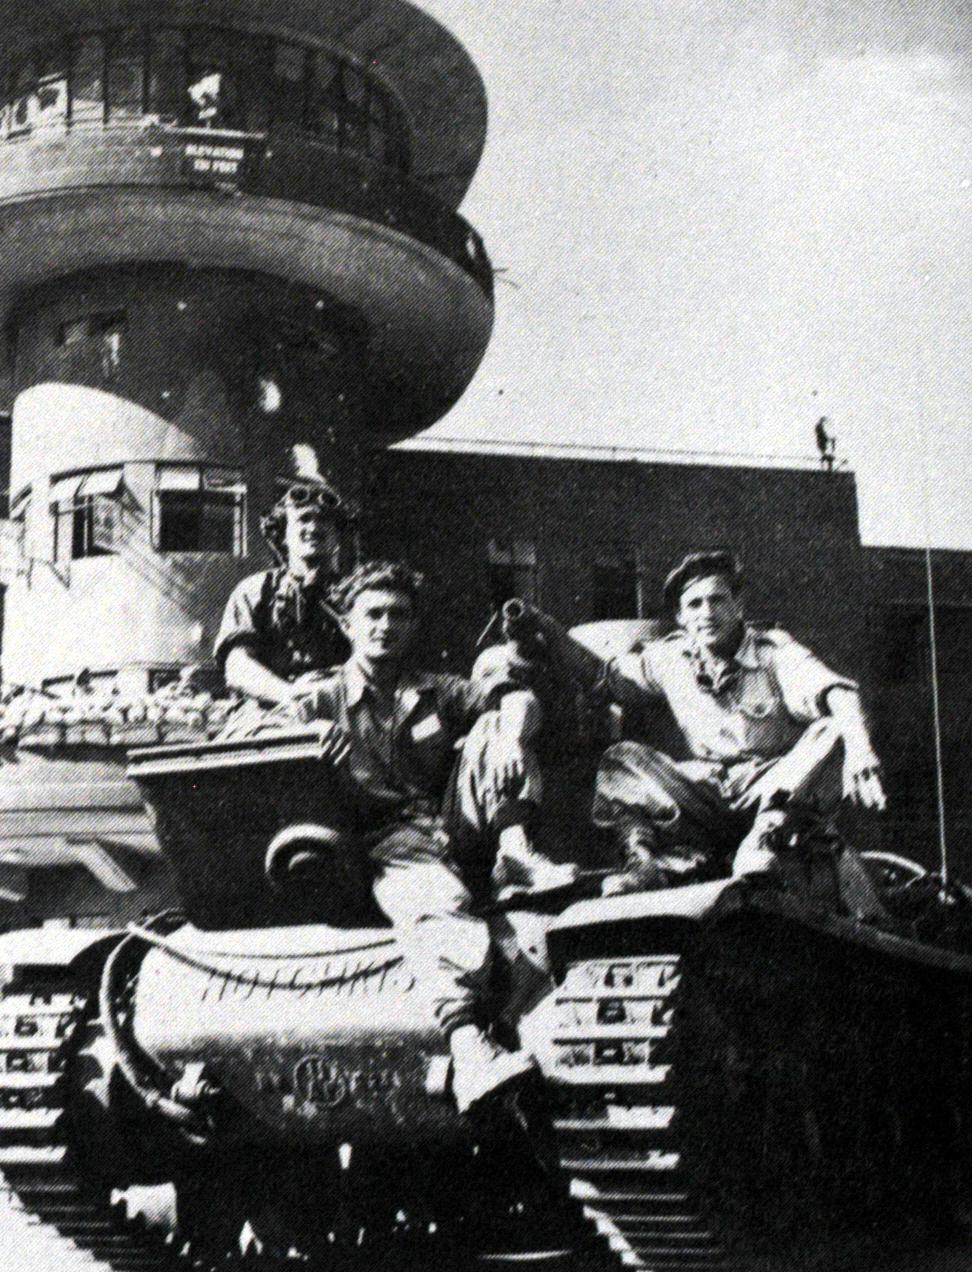 """טנק הוצ'קיס וצוותו לאחר כיבוש שדה התעופה לוד ע""""י גדוד 82. משמאל, הצטרף לצילום אחד מאנשי הצוות של טנק הקרומוול מספר 457 מפלוגה ד'"""